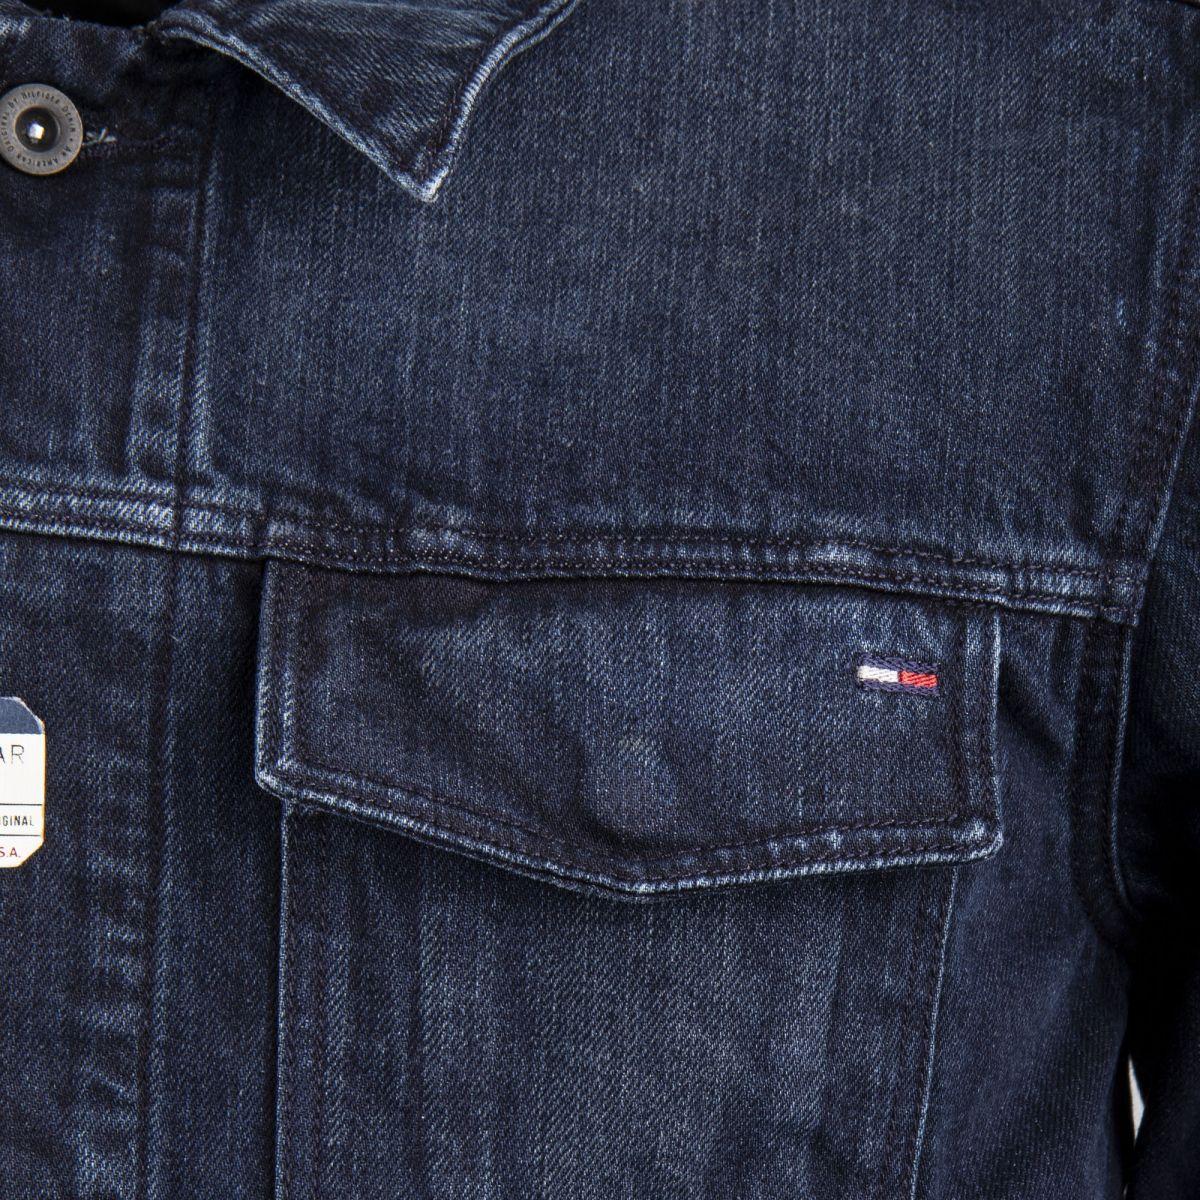 26cfa1b66bc ... Blouson en jean bleu foncé homme Tommy Hilfiger marque pas cher prix  dégriffés destockage ...